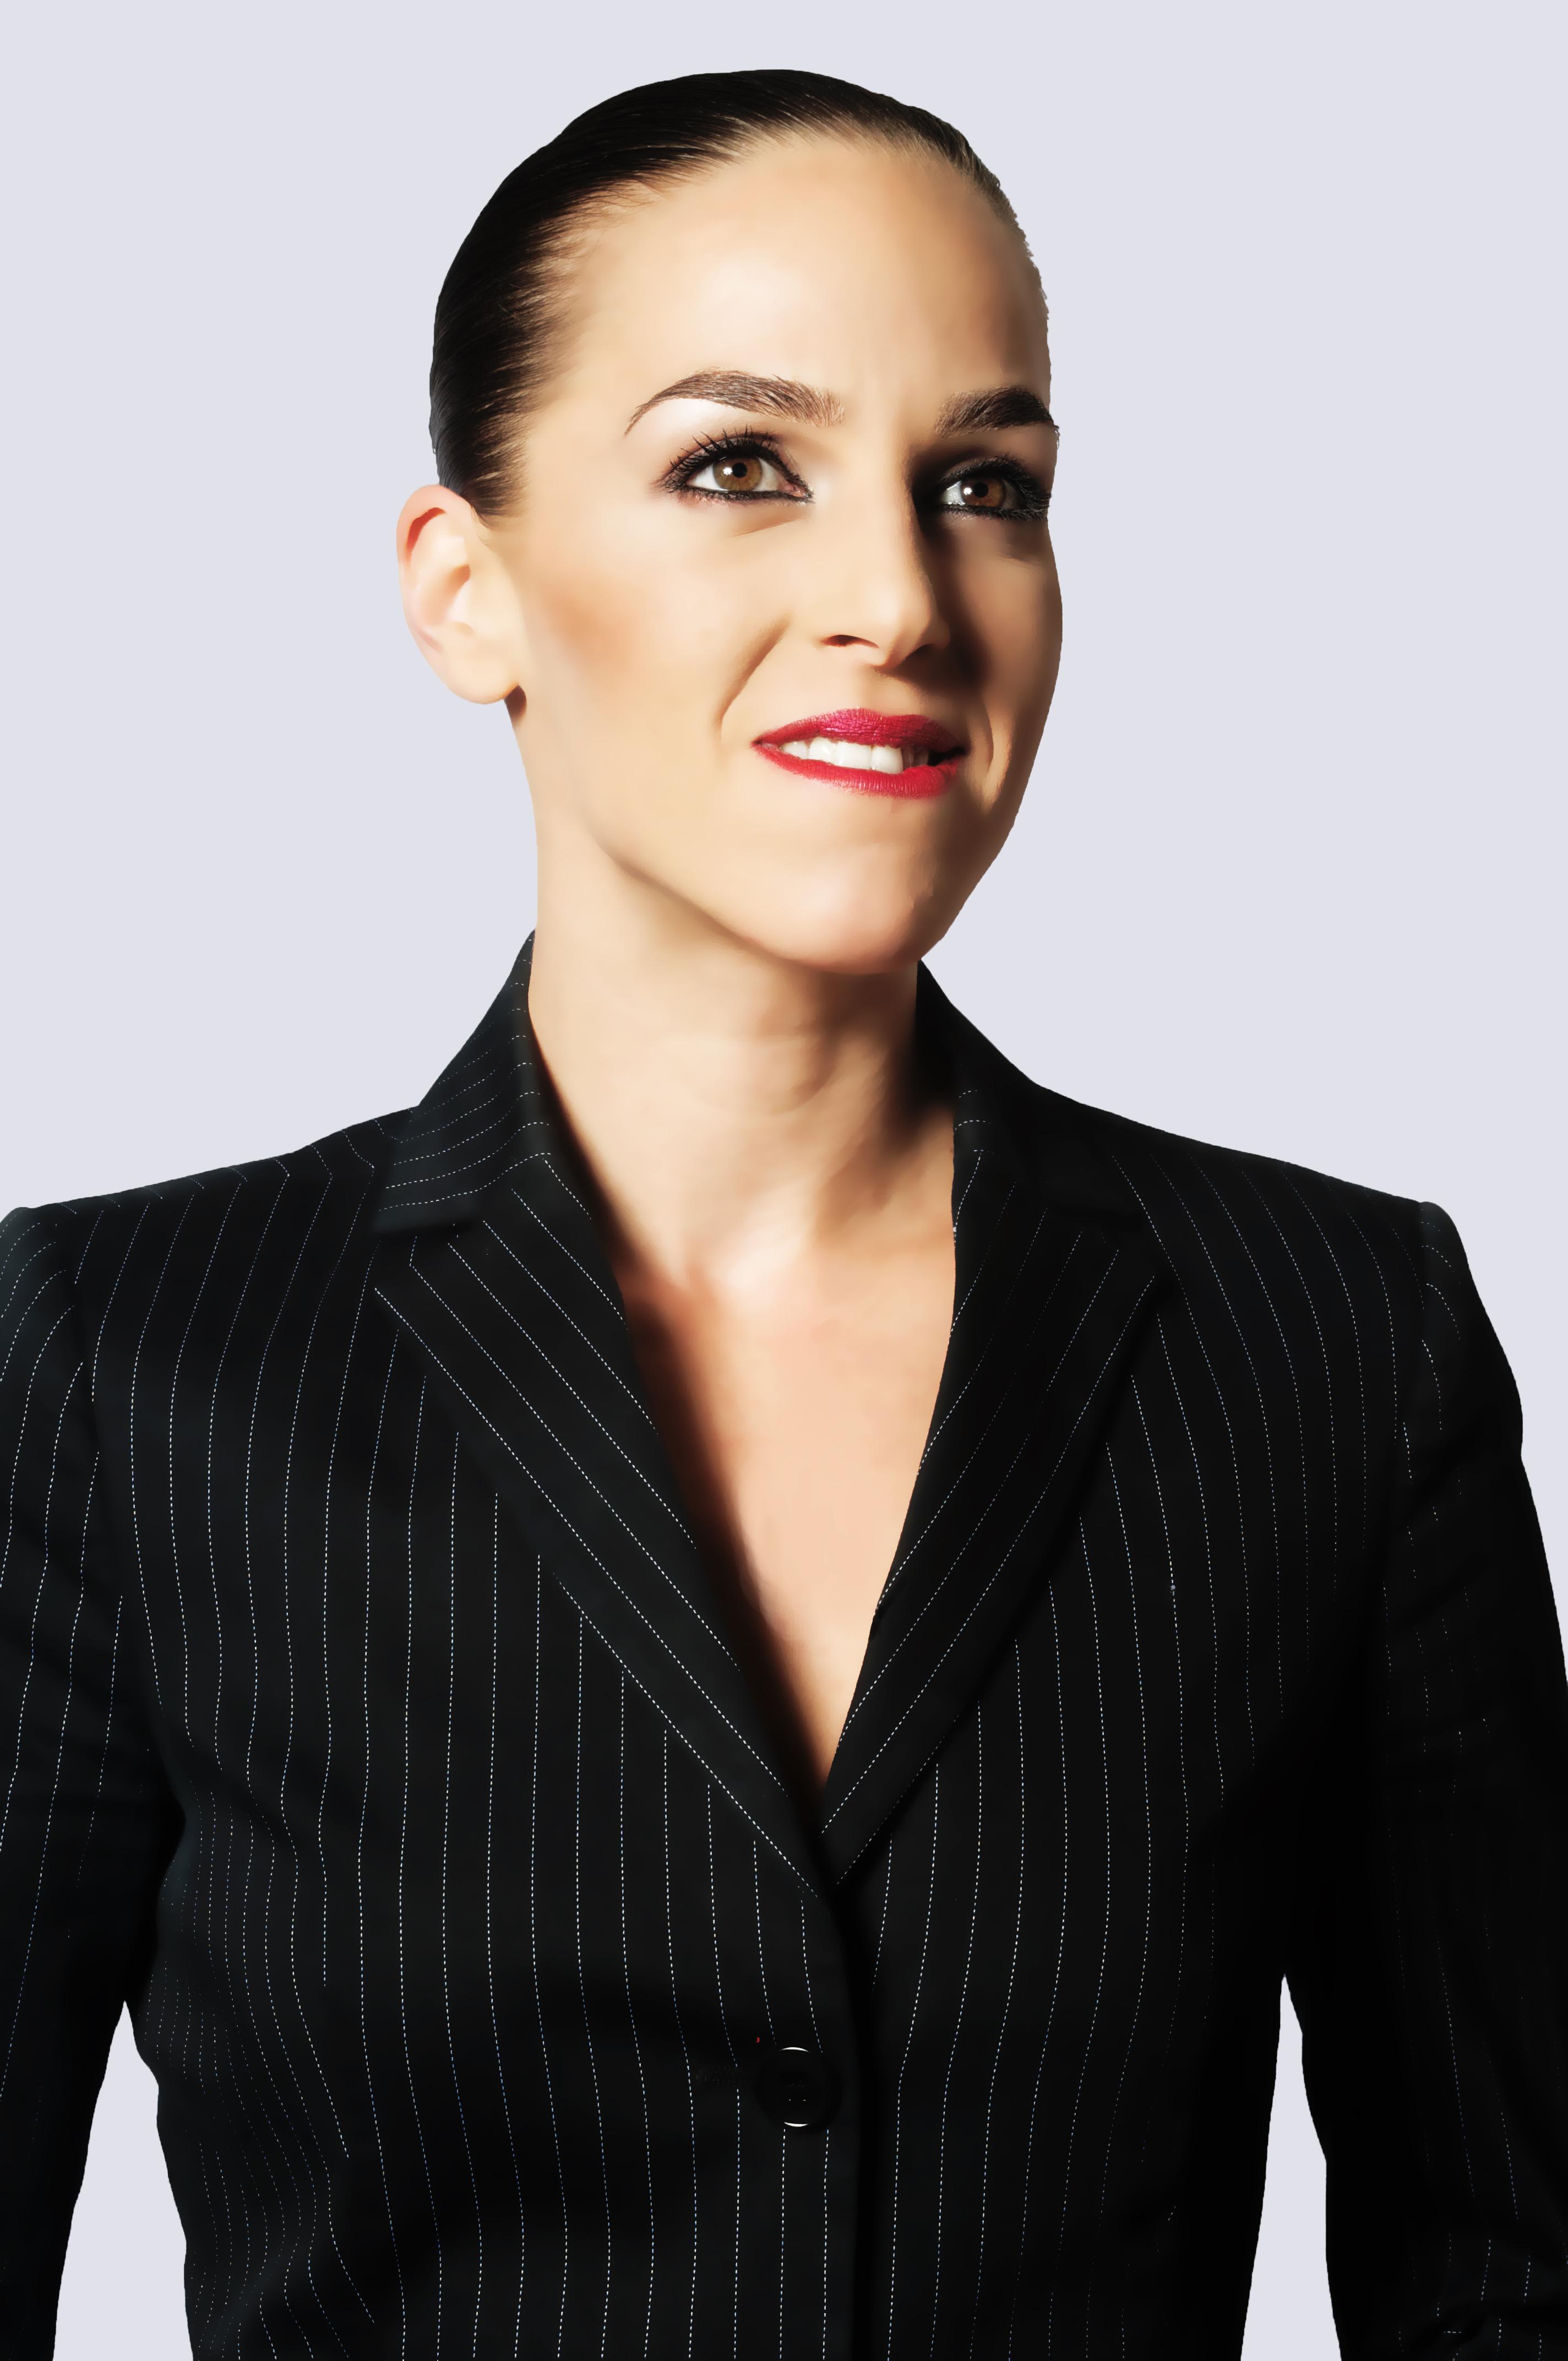 Natasha Tsakos